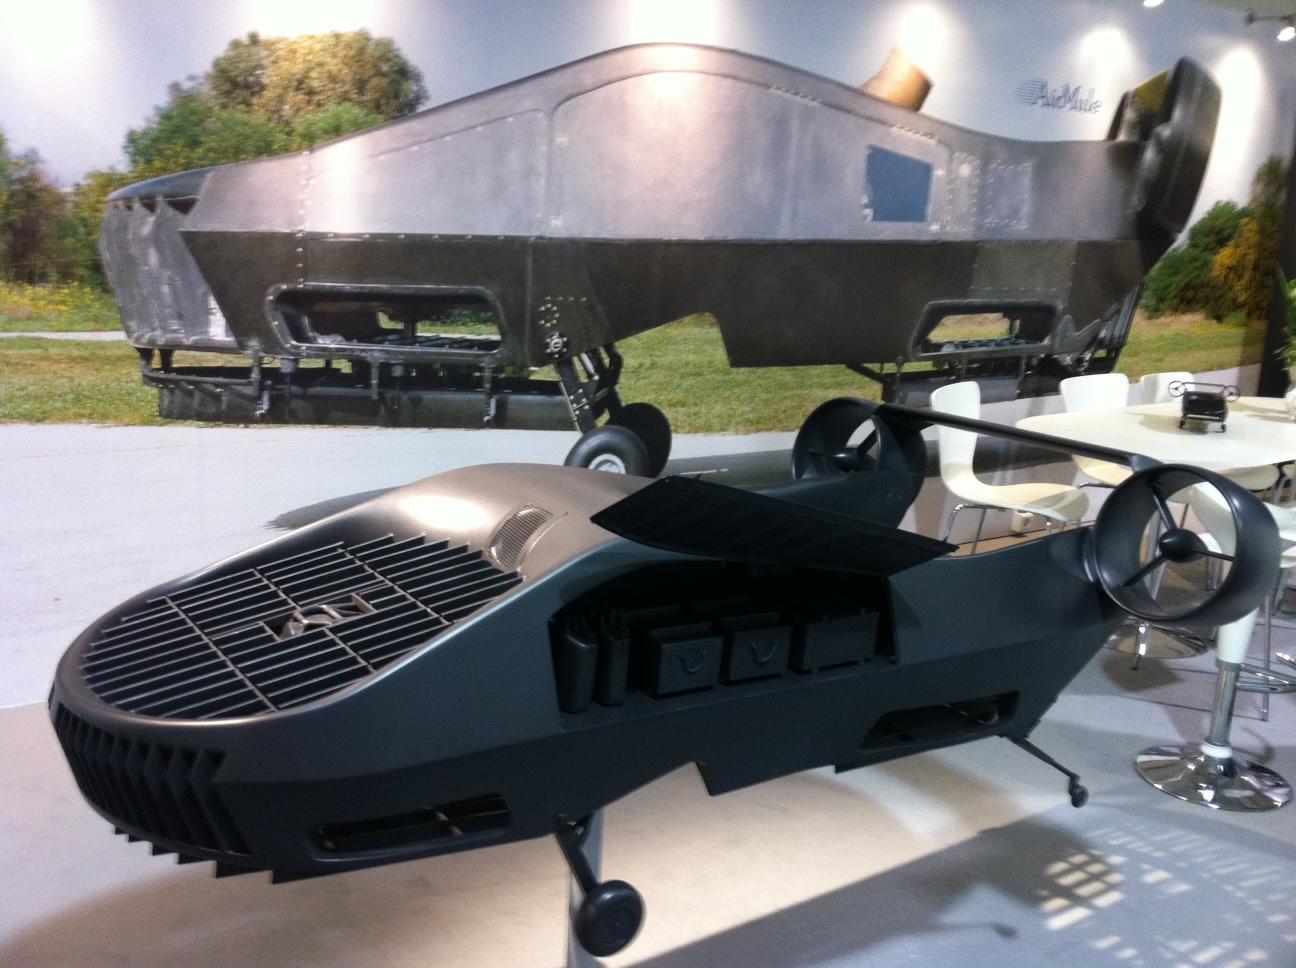 Airmule dron